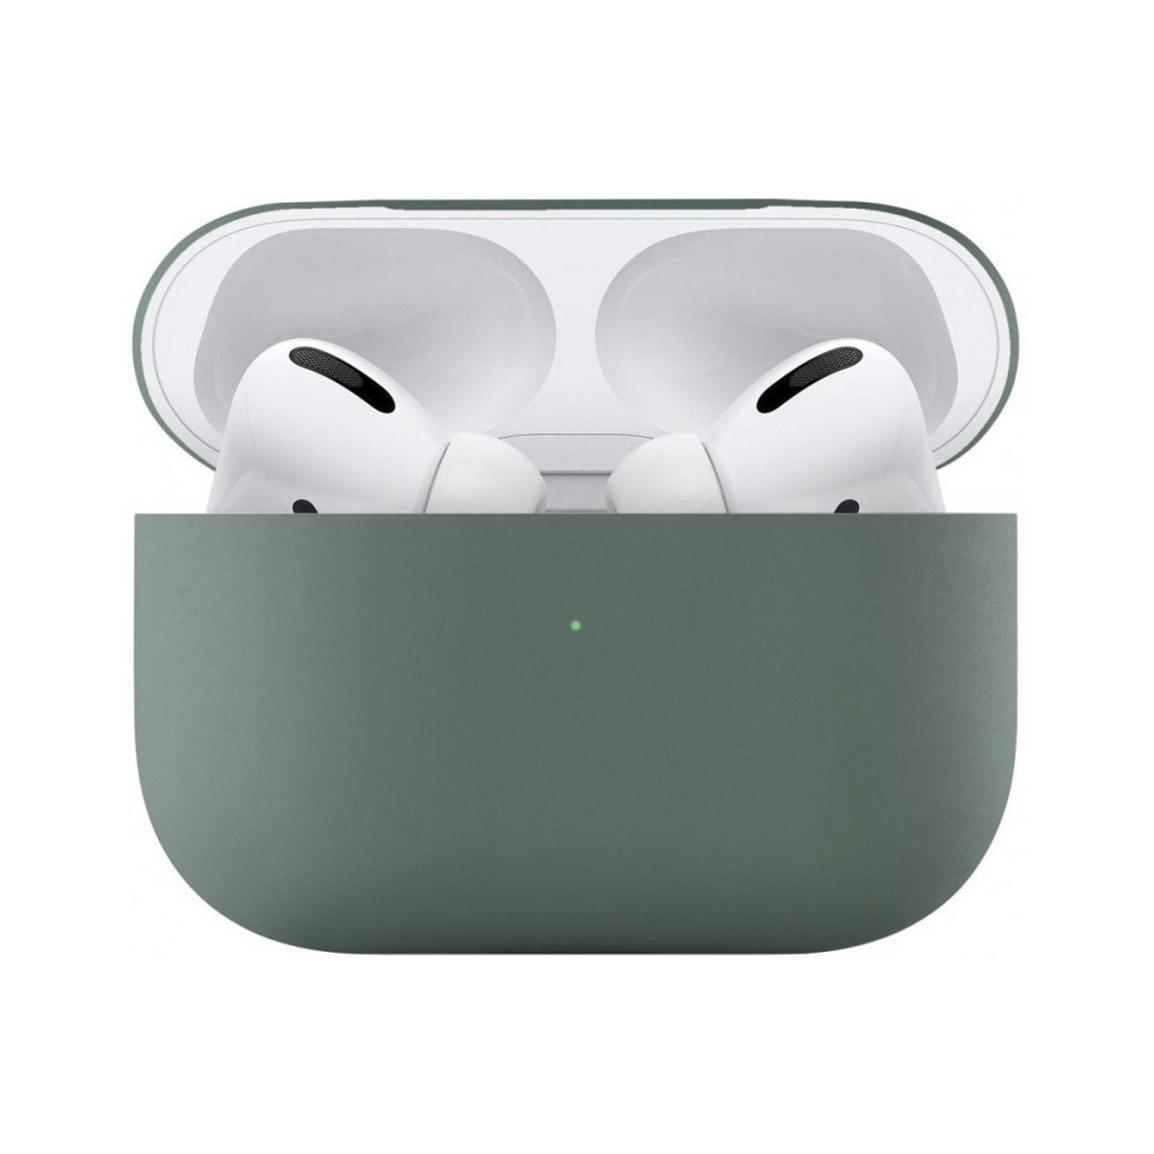 Чехол uBear для наушников Apple AirPods Pro, зеленый чехол для наушников steward для apple airpods blue